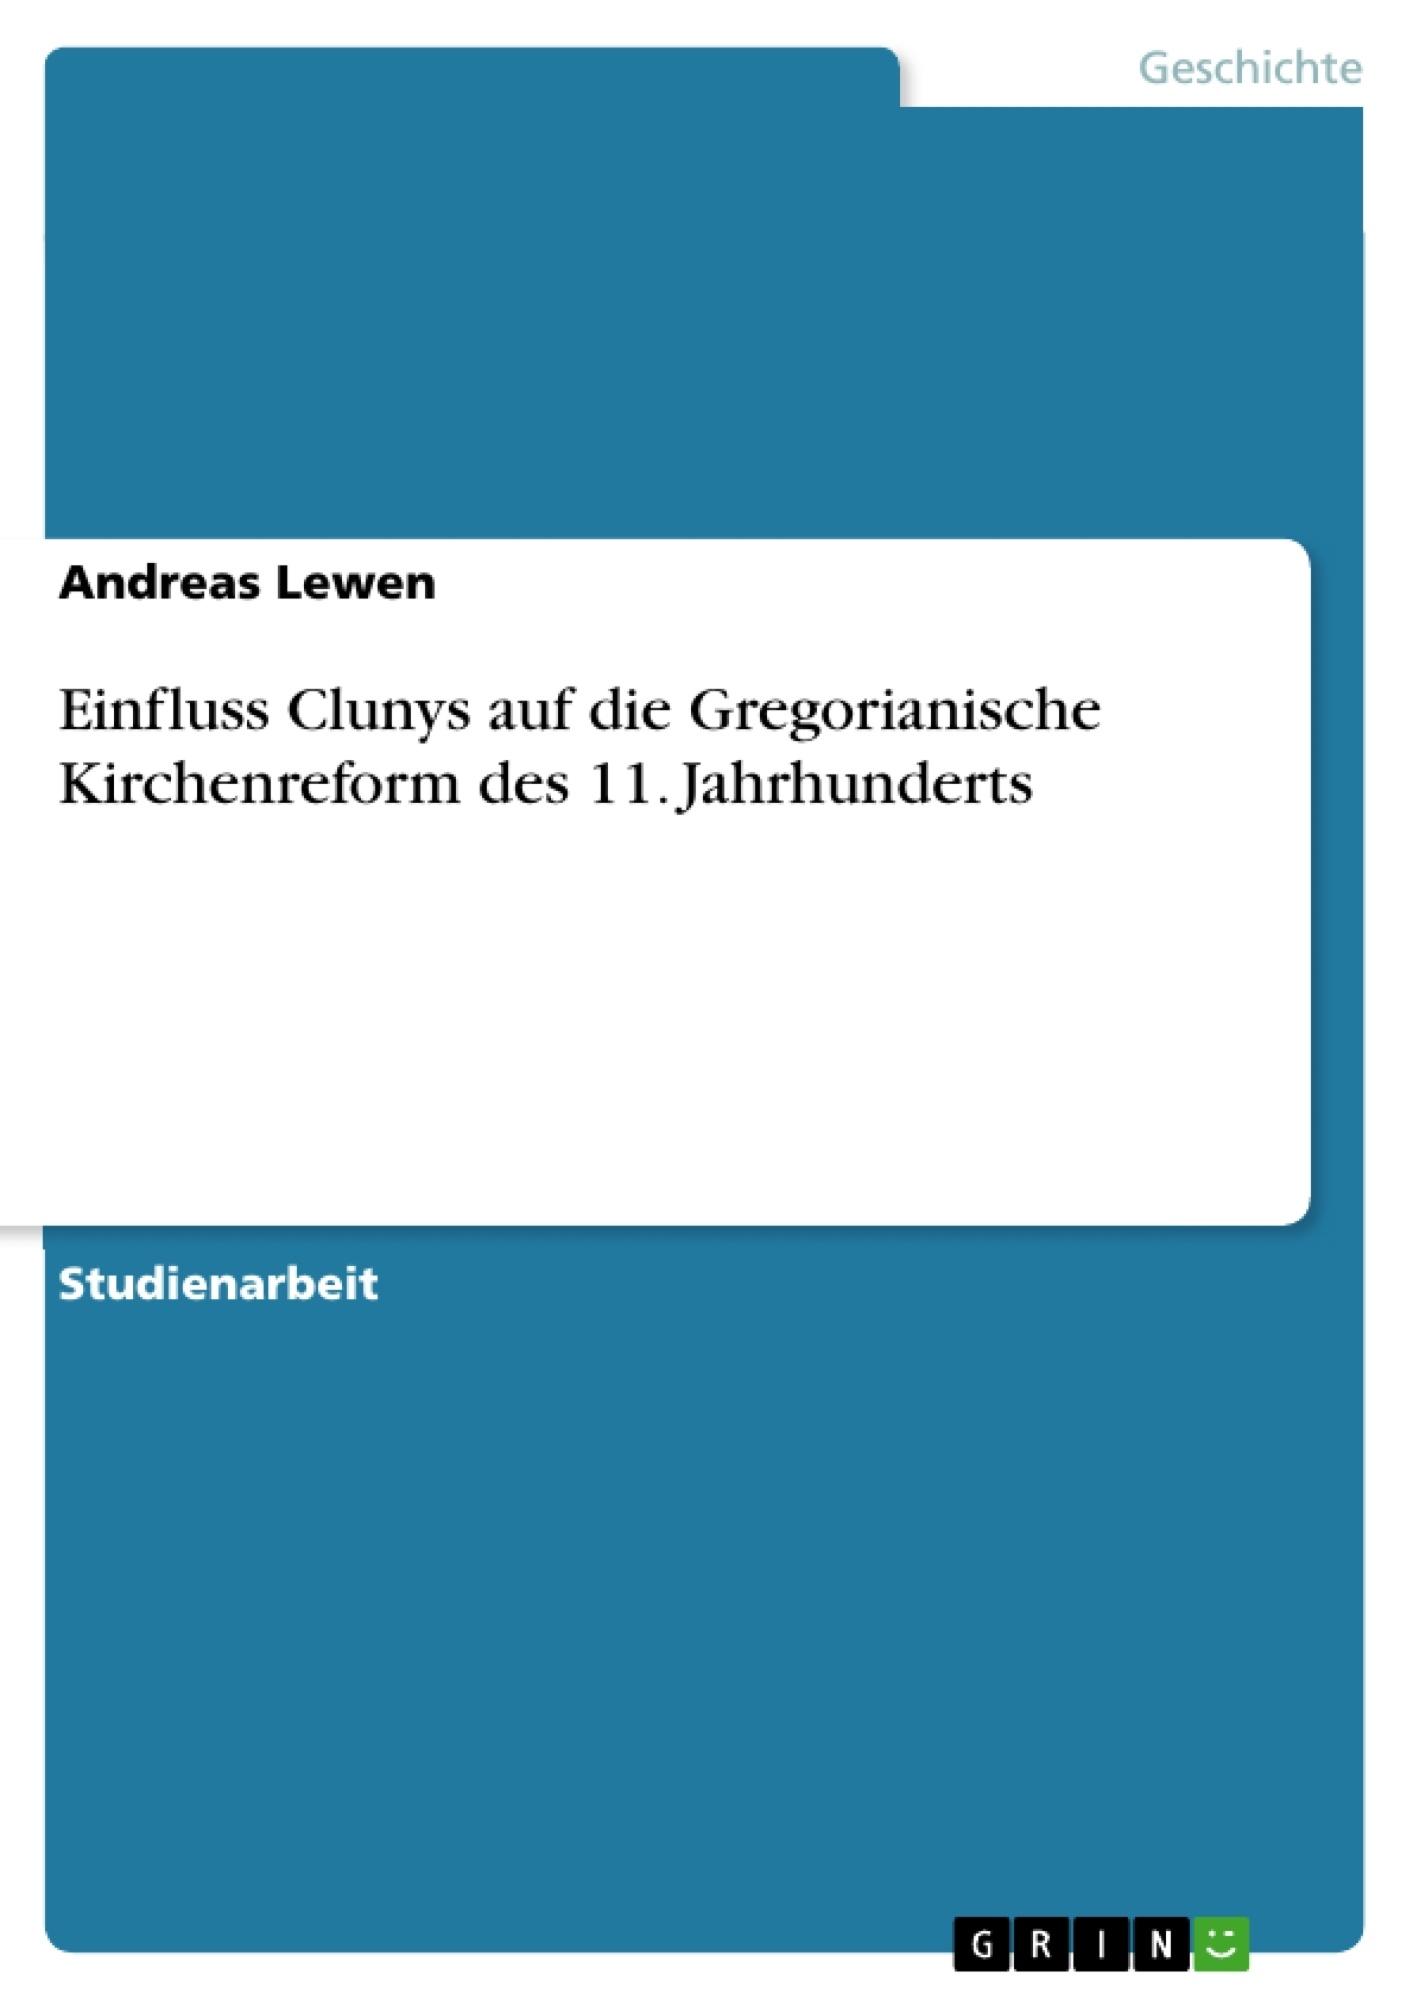 Titel: Einfluss Clunys auf die Gregorianische Kirchenreform des 11. Jahrhunderts